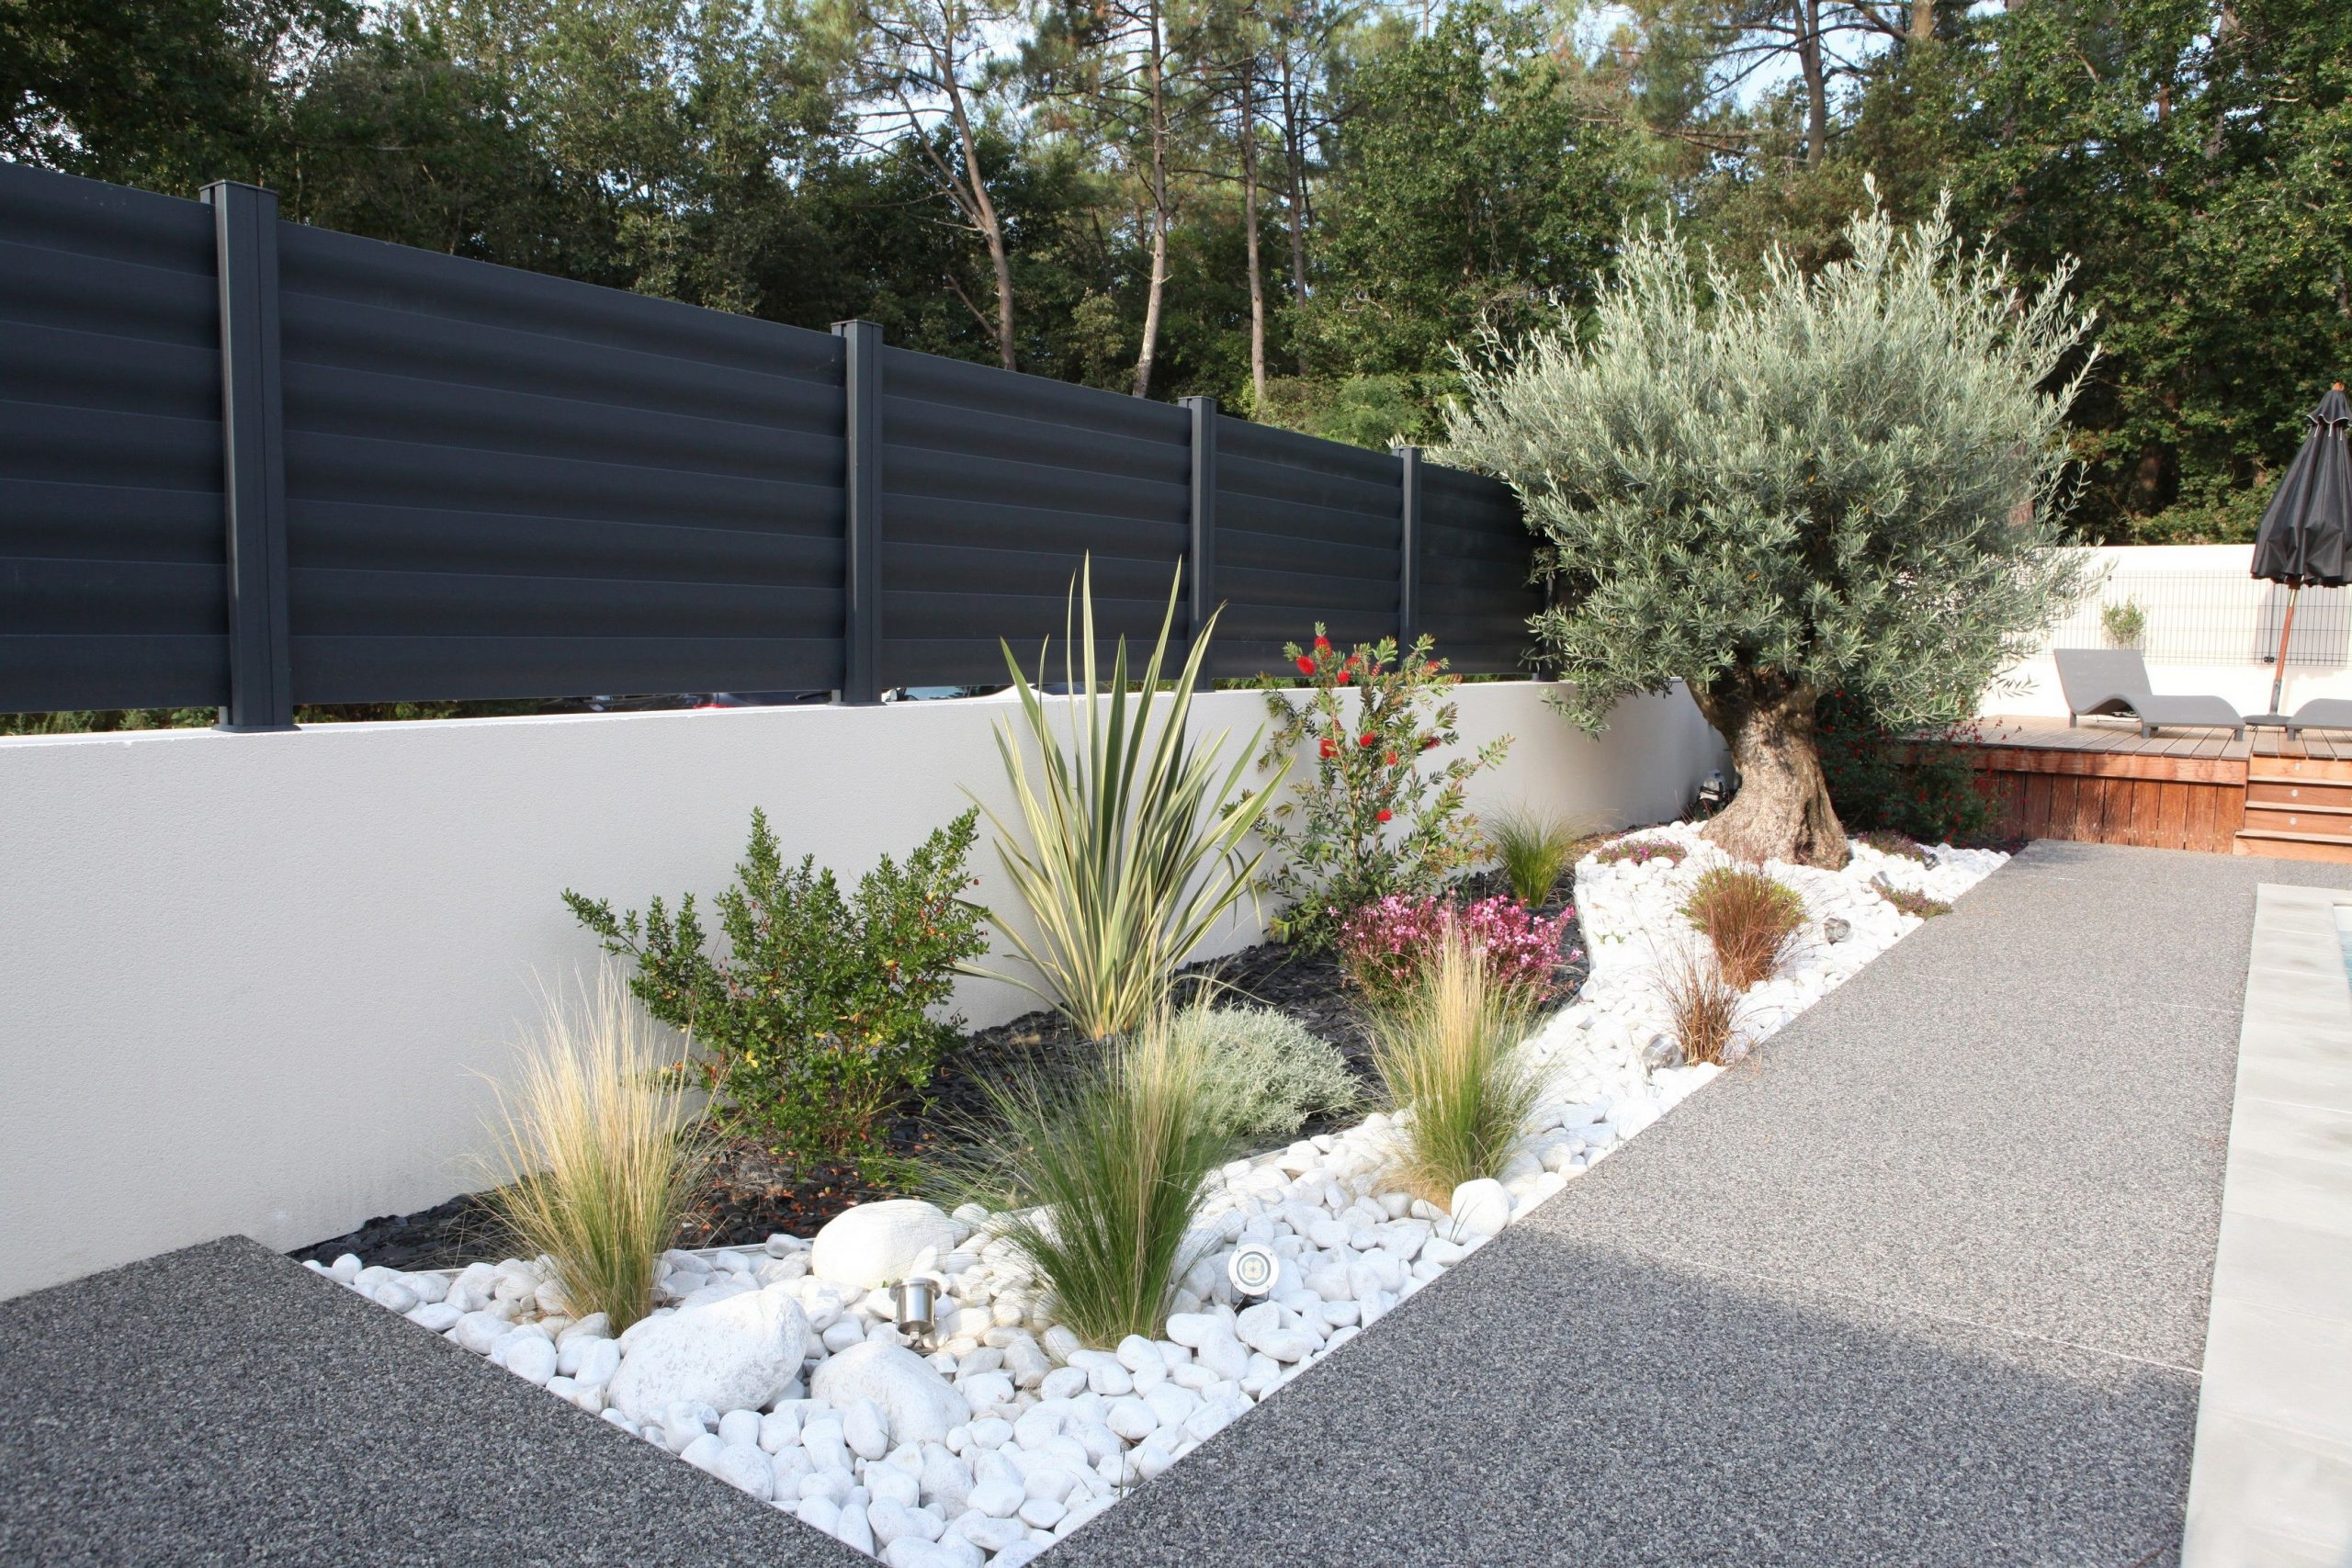 Clôtures Aluminium Modèle Brise Vue #menuiserie #cloturel ... pour Parterre Devant Maison Moderne